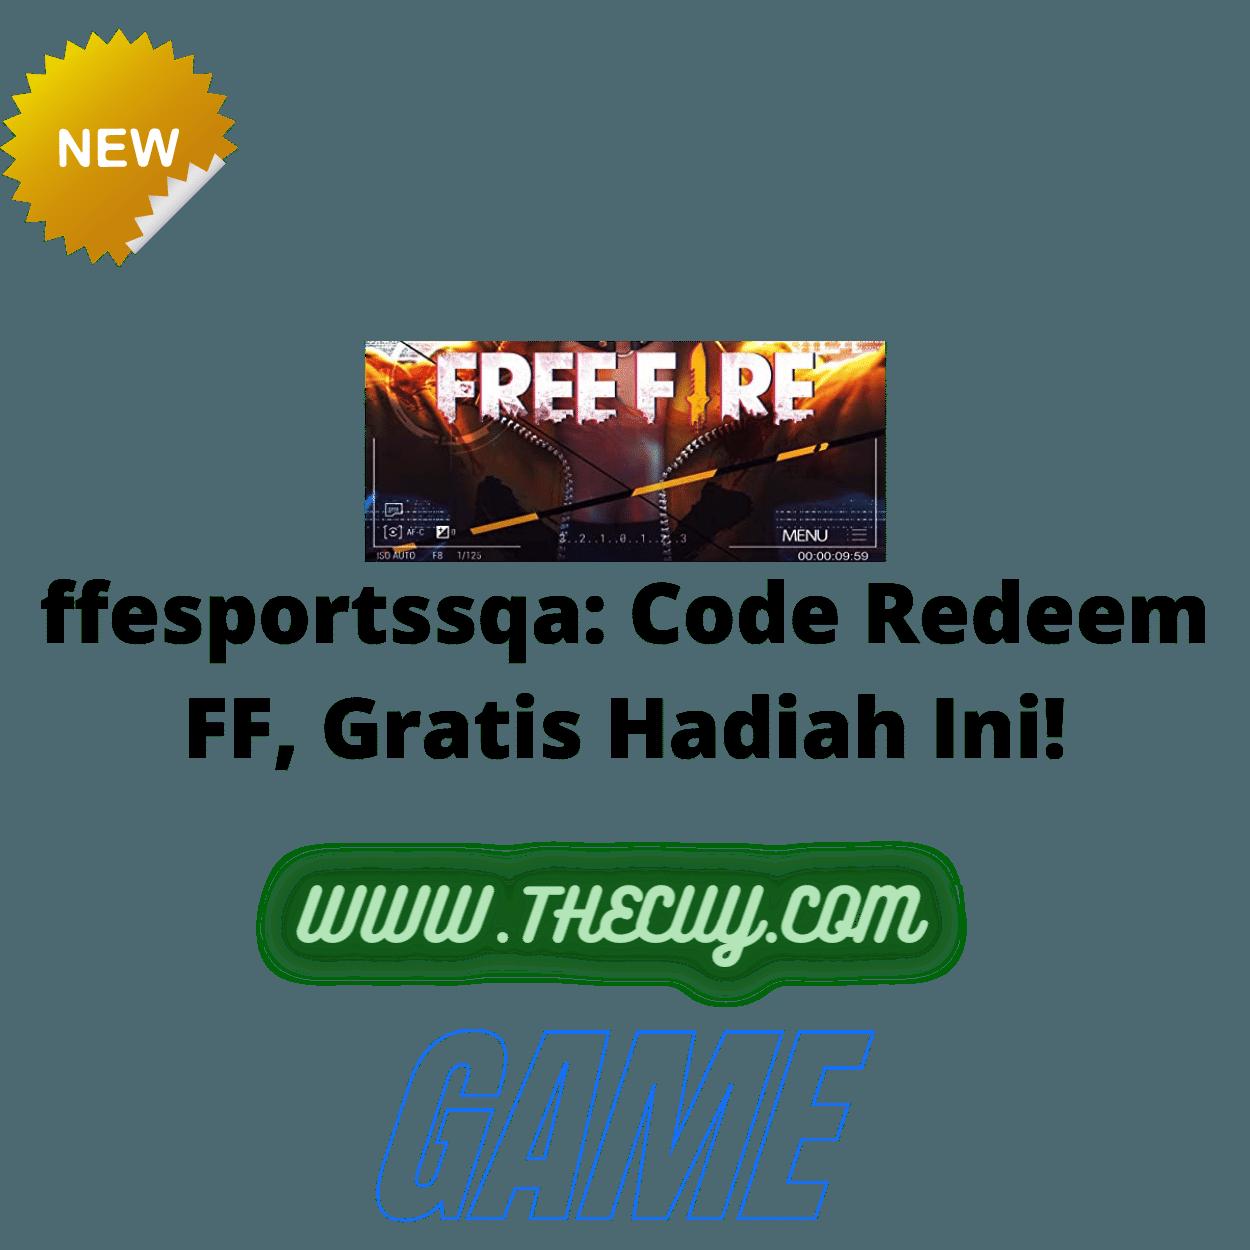 ffesportssqa: Code Redeem FF, Gratis Hadiah Ini!